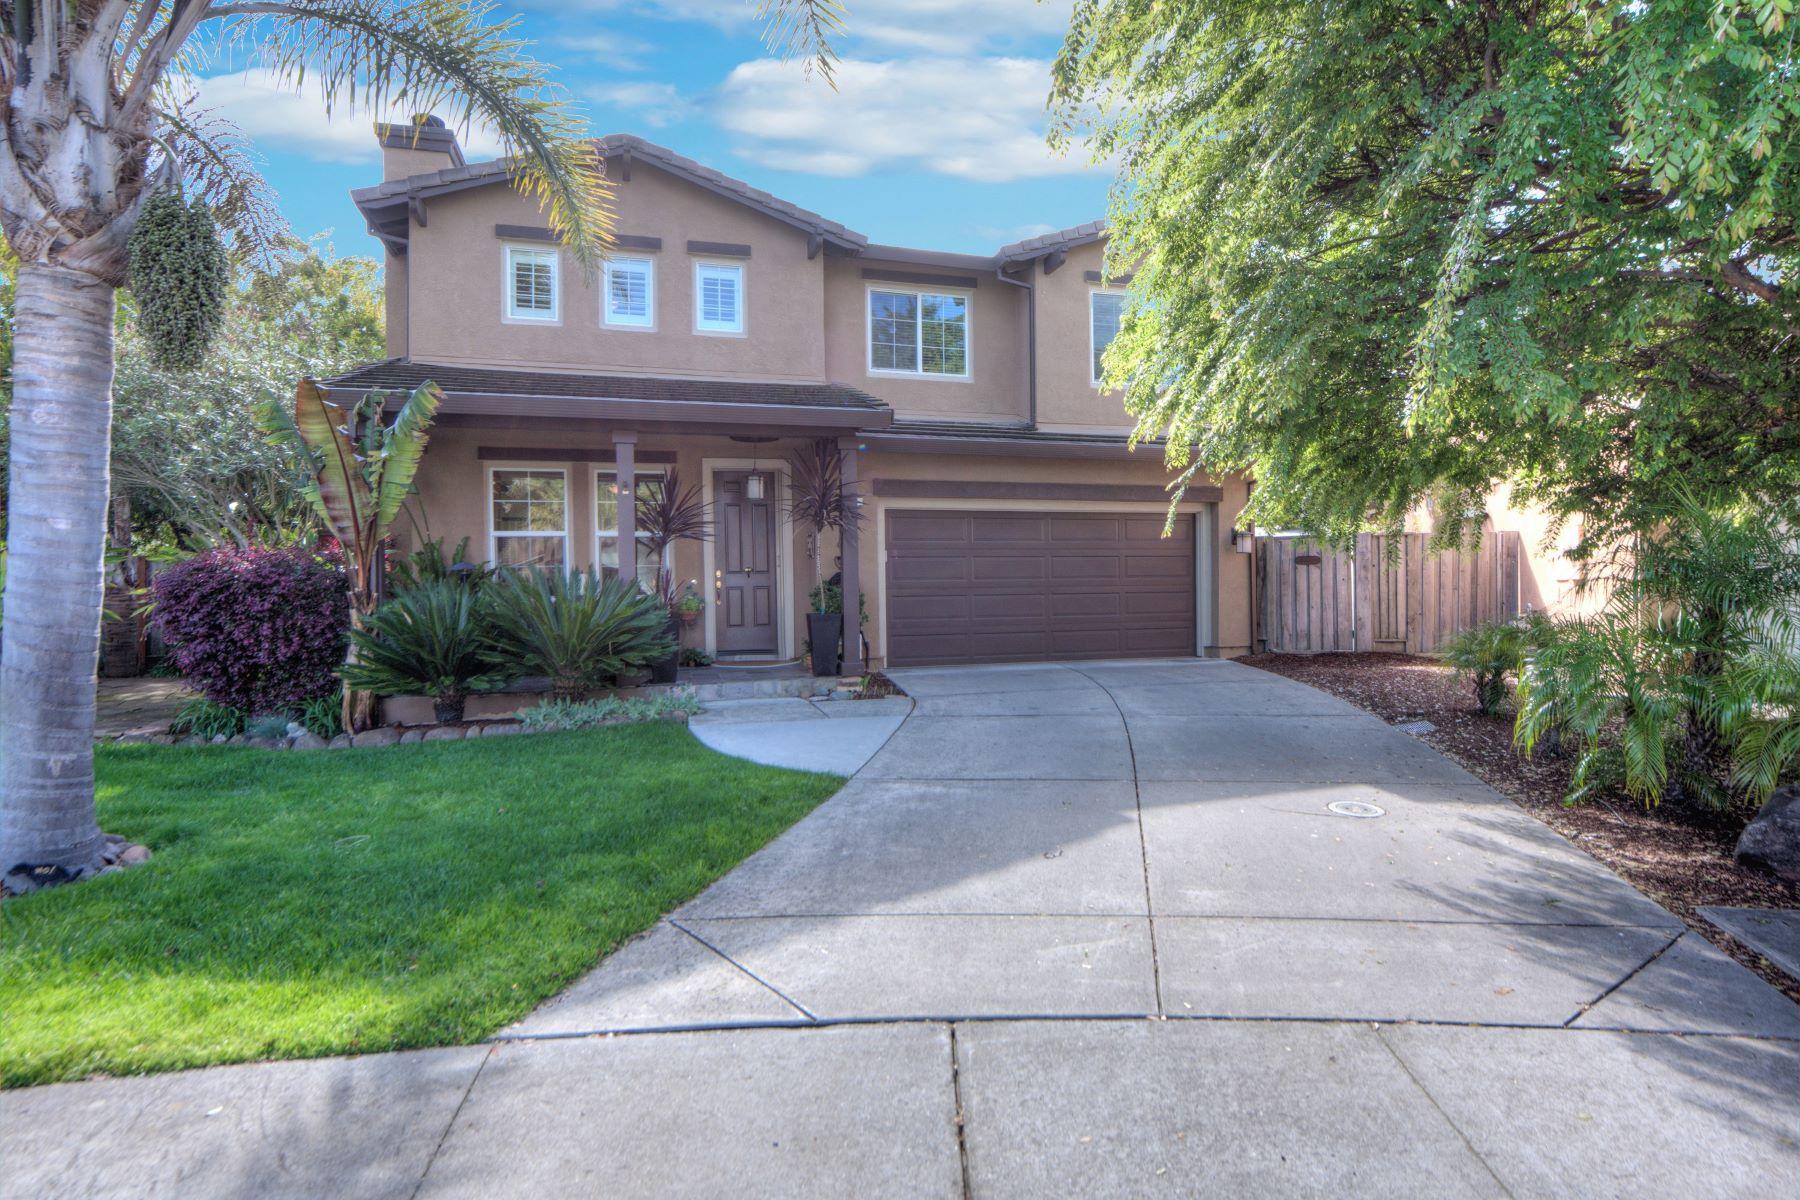 Vivienda unifamiliar por un Venta en Beautiful Home in Desirable Hamilton Community 35 Alhambra Court, Novato, California, 94949 Estados Unidos